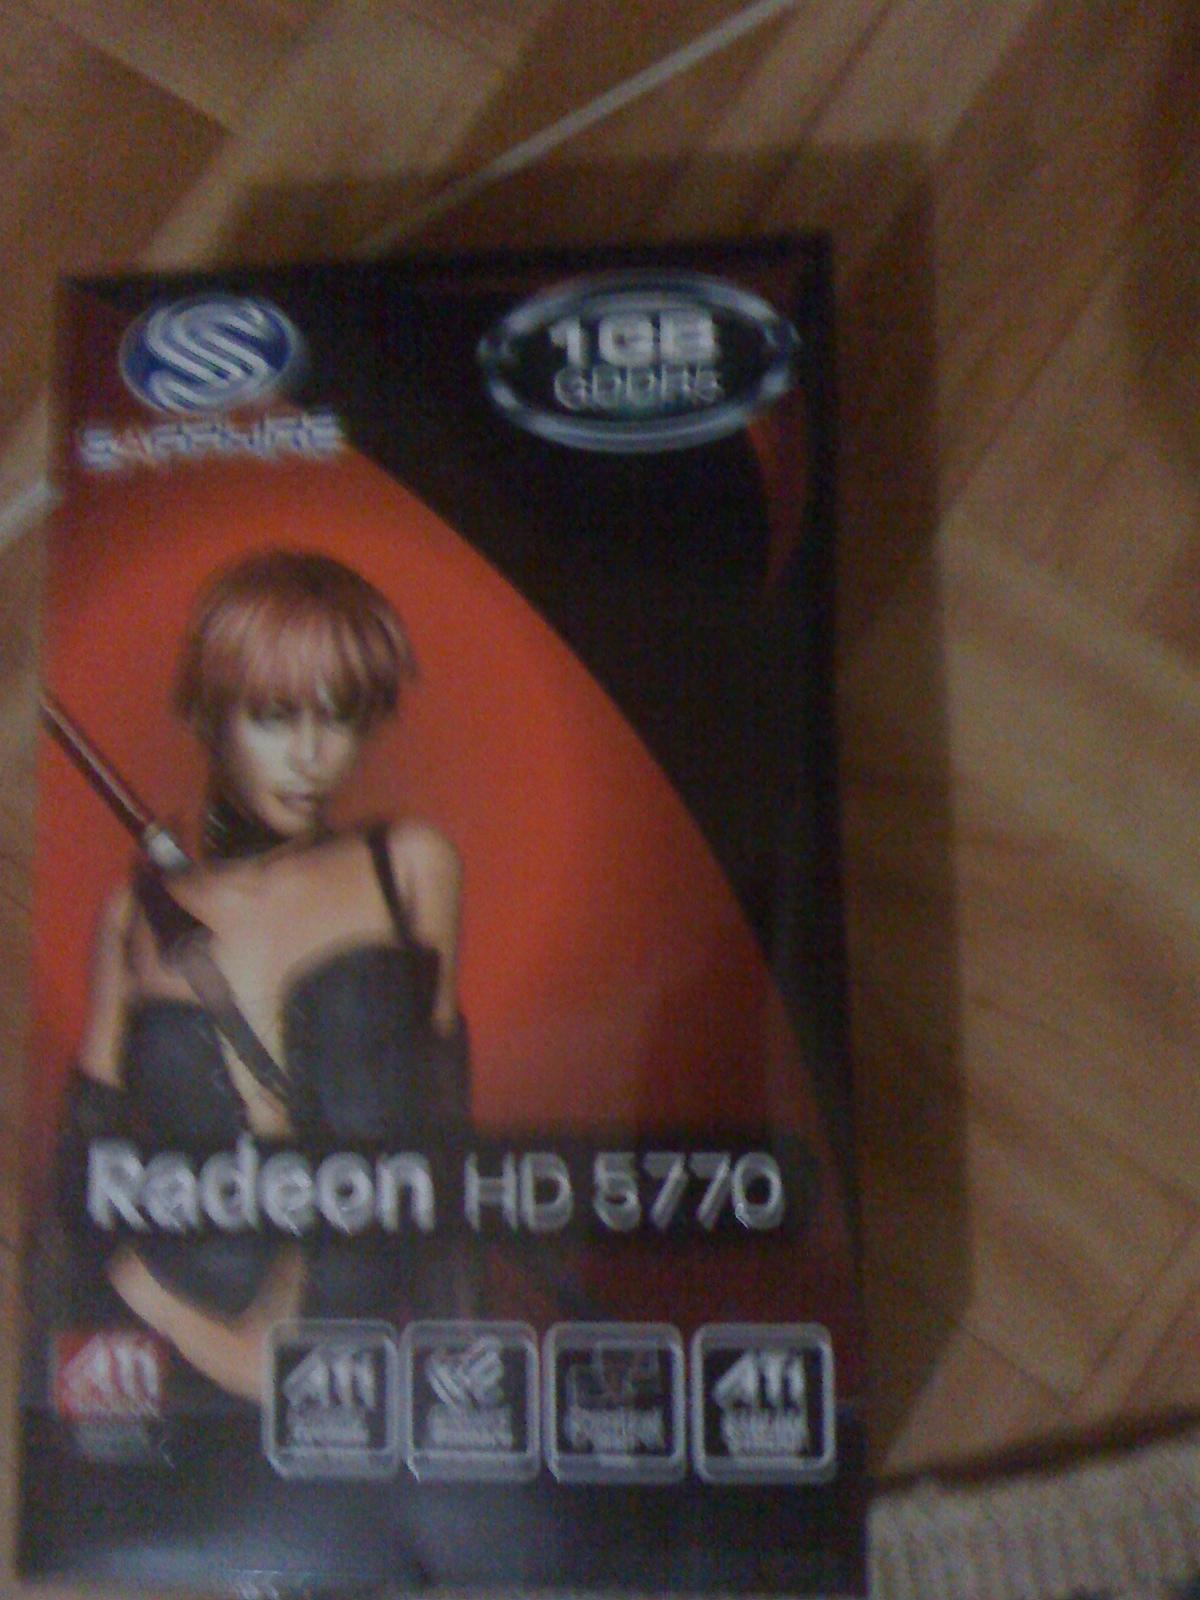 Sapphire ATI Radeon 1Gb HD5770 128bit